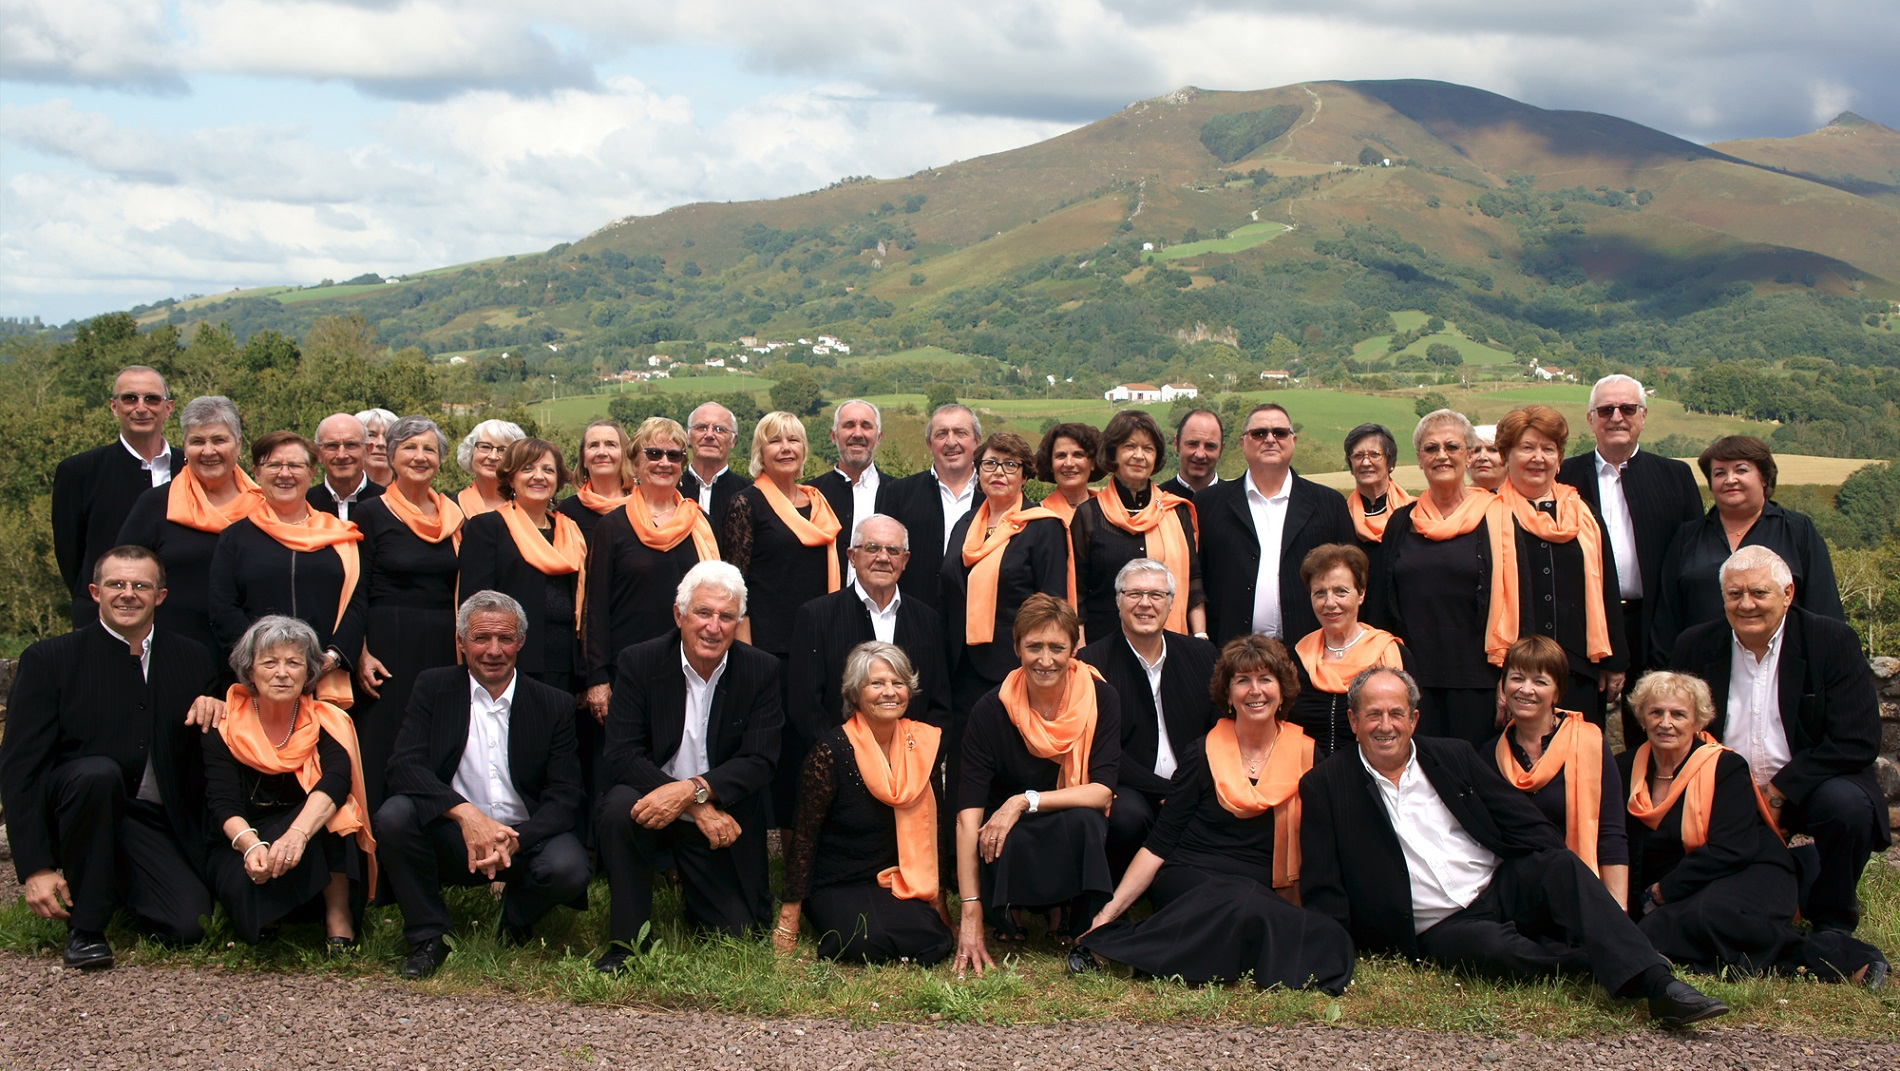 Concert du Choeur Xaramela le 7 septembre 2019 à Briscous (64)